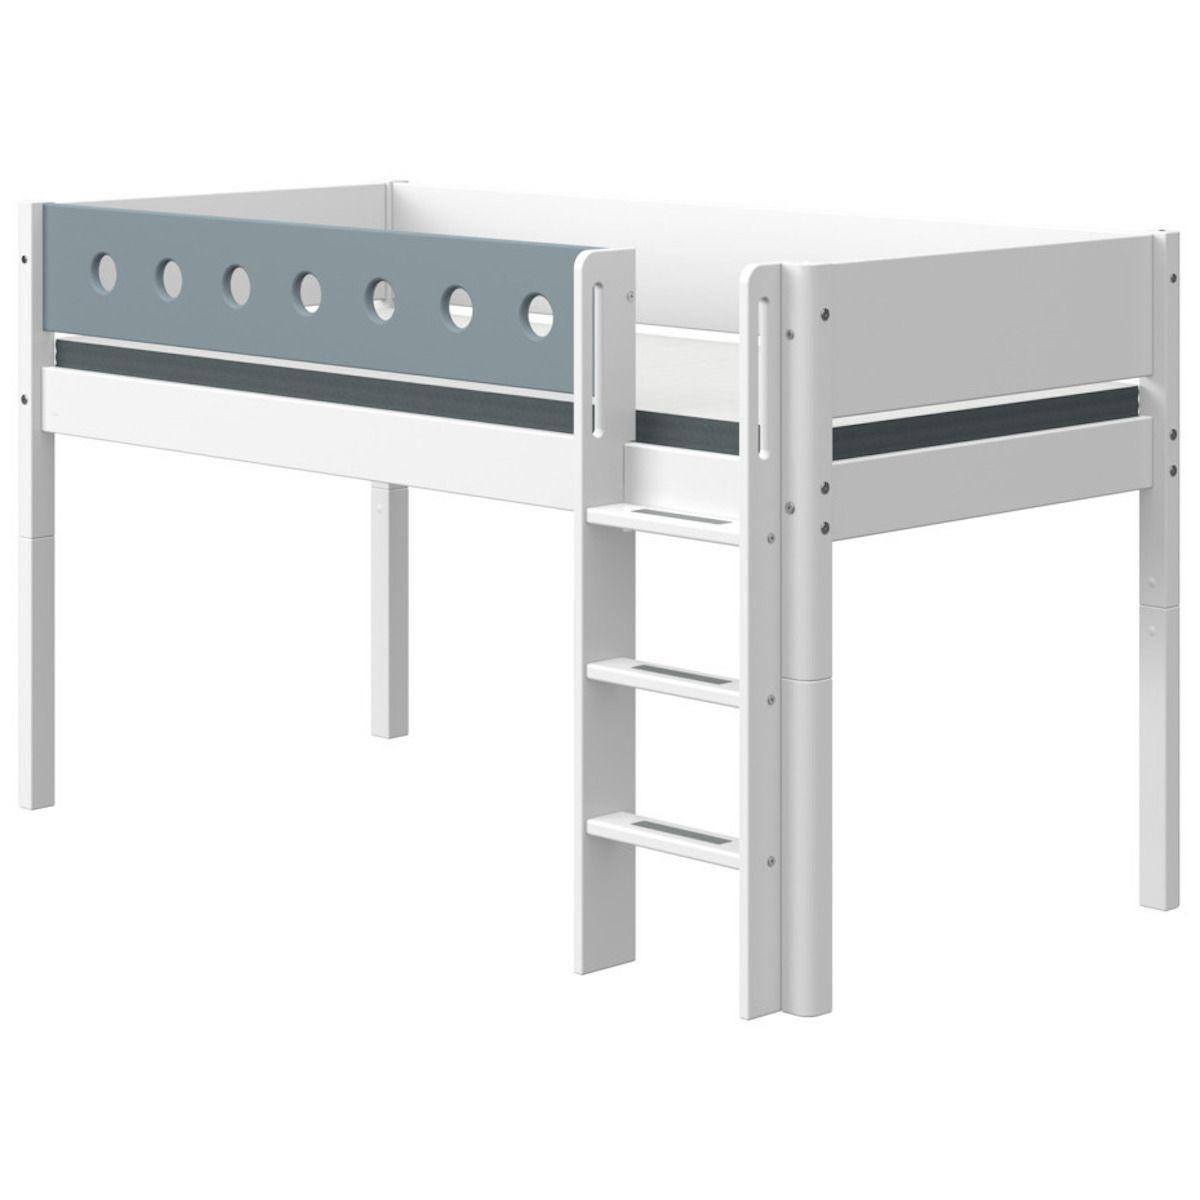 Halbhohes Bett mitwachsend 90x190cm gerade Leiter WHITE Flexa weiß-light blue